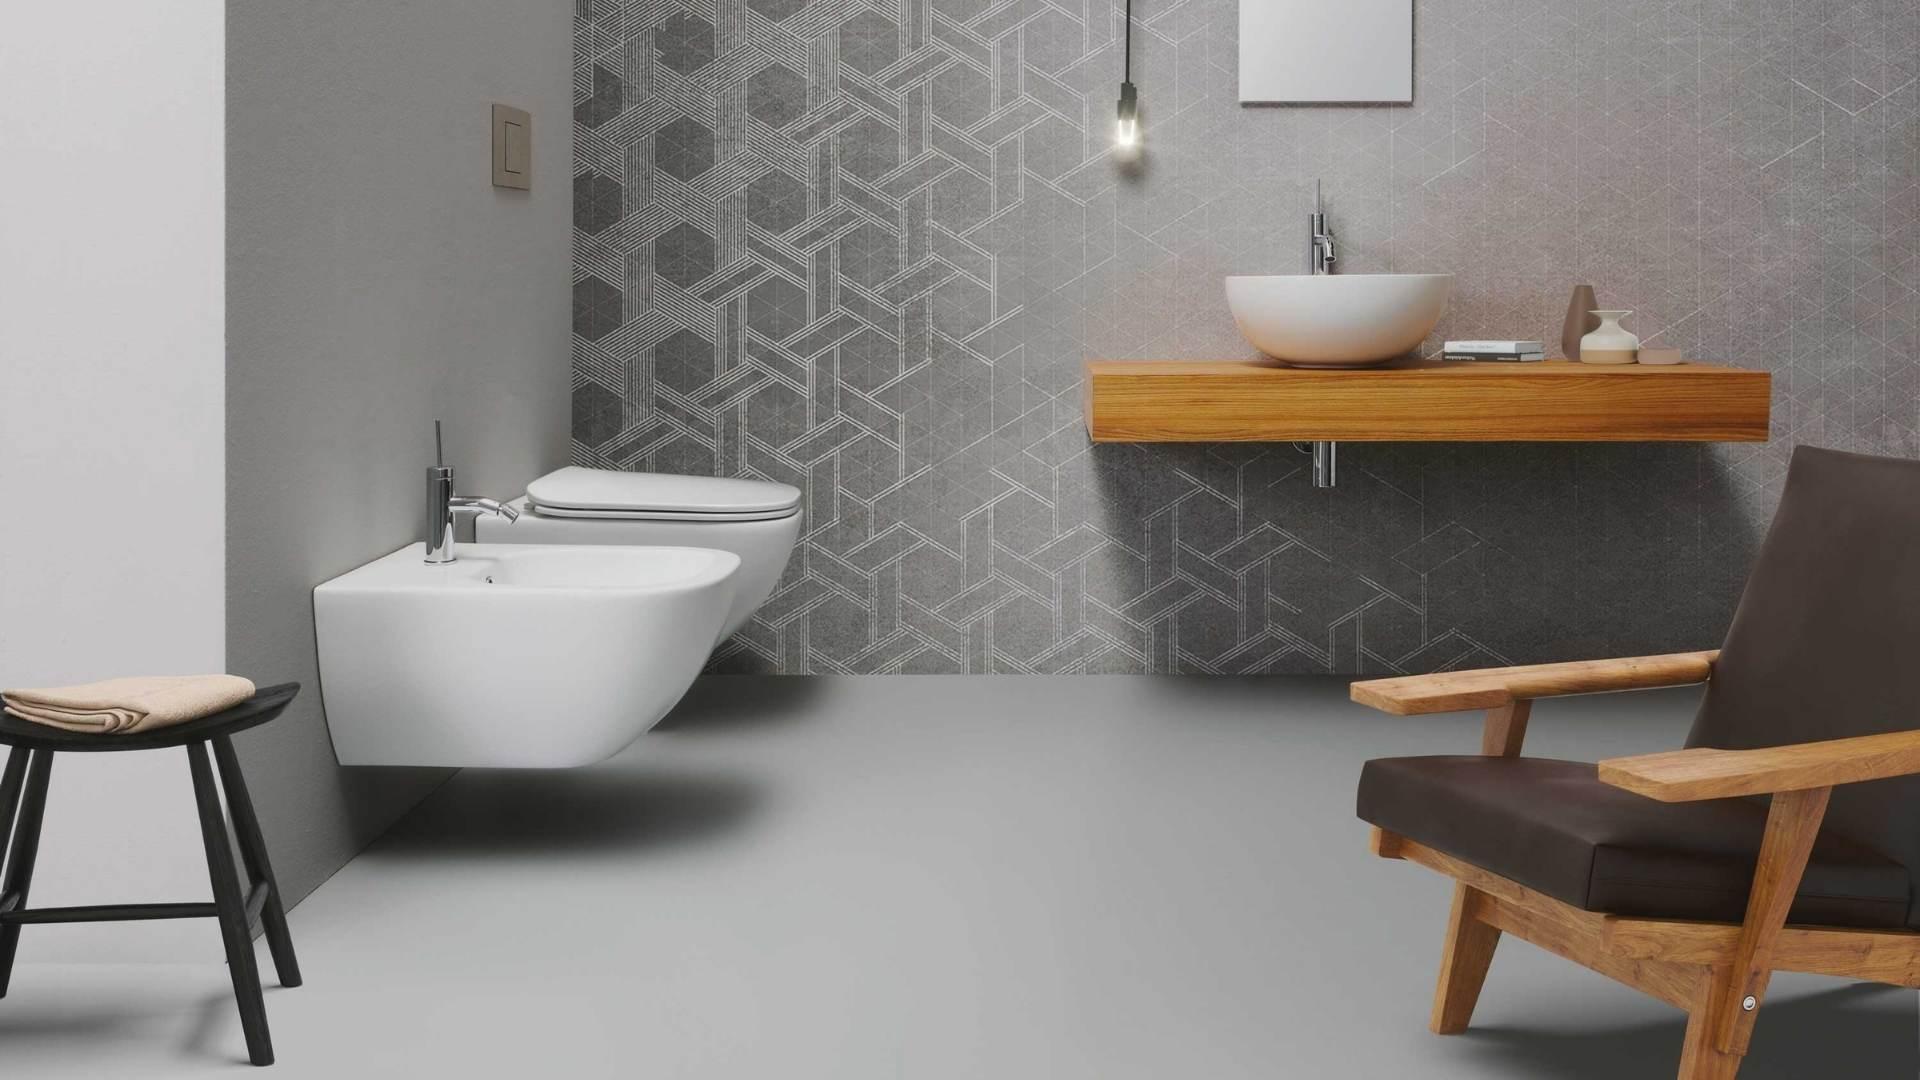 bidet Disegno Ceramica